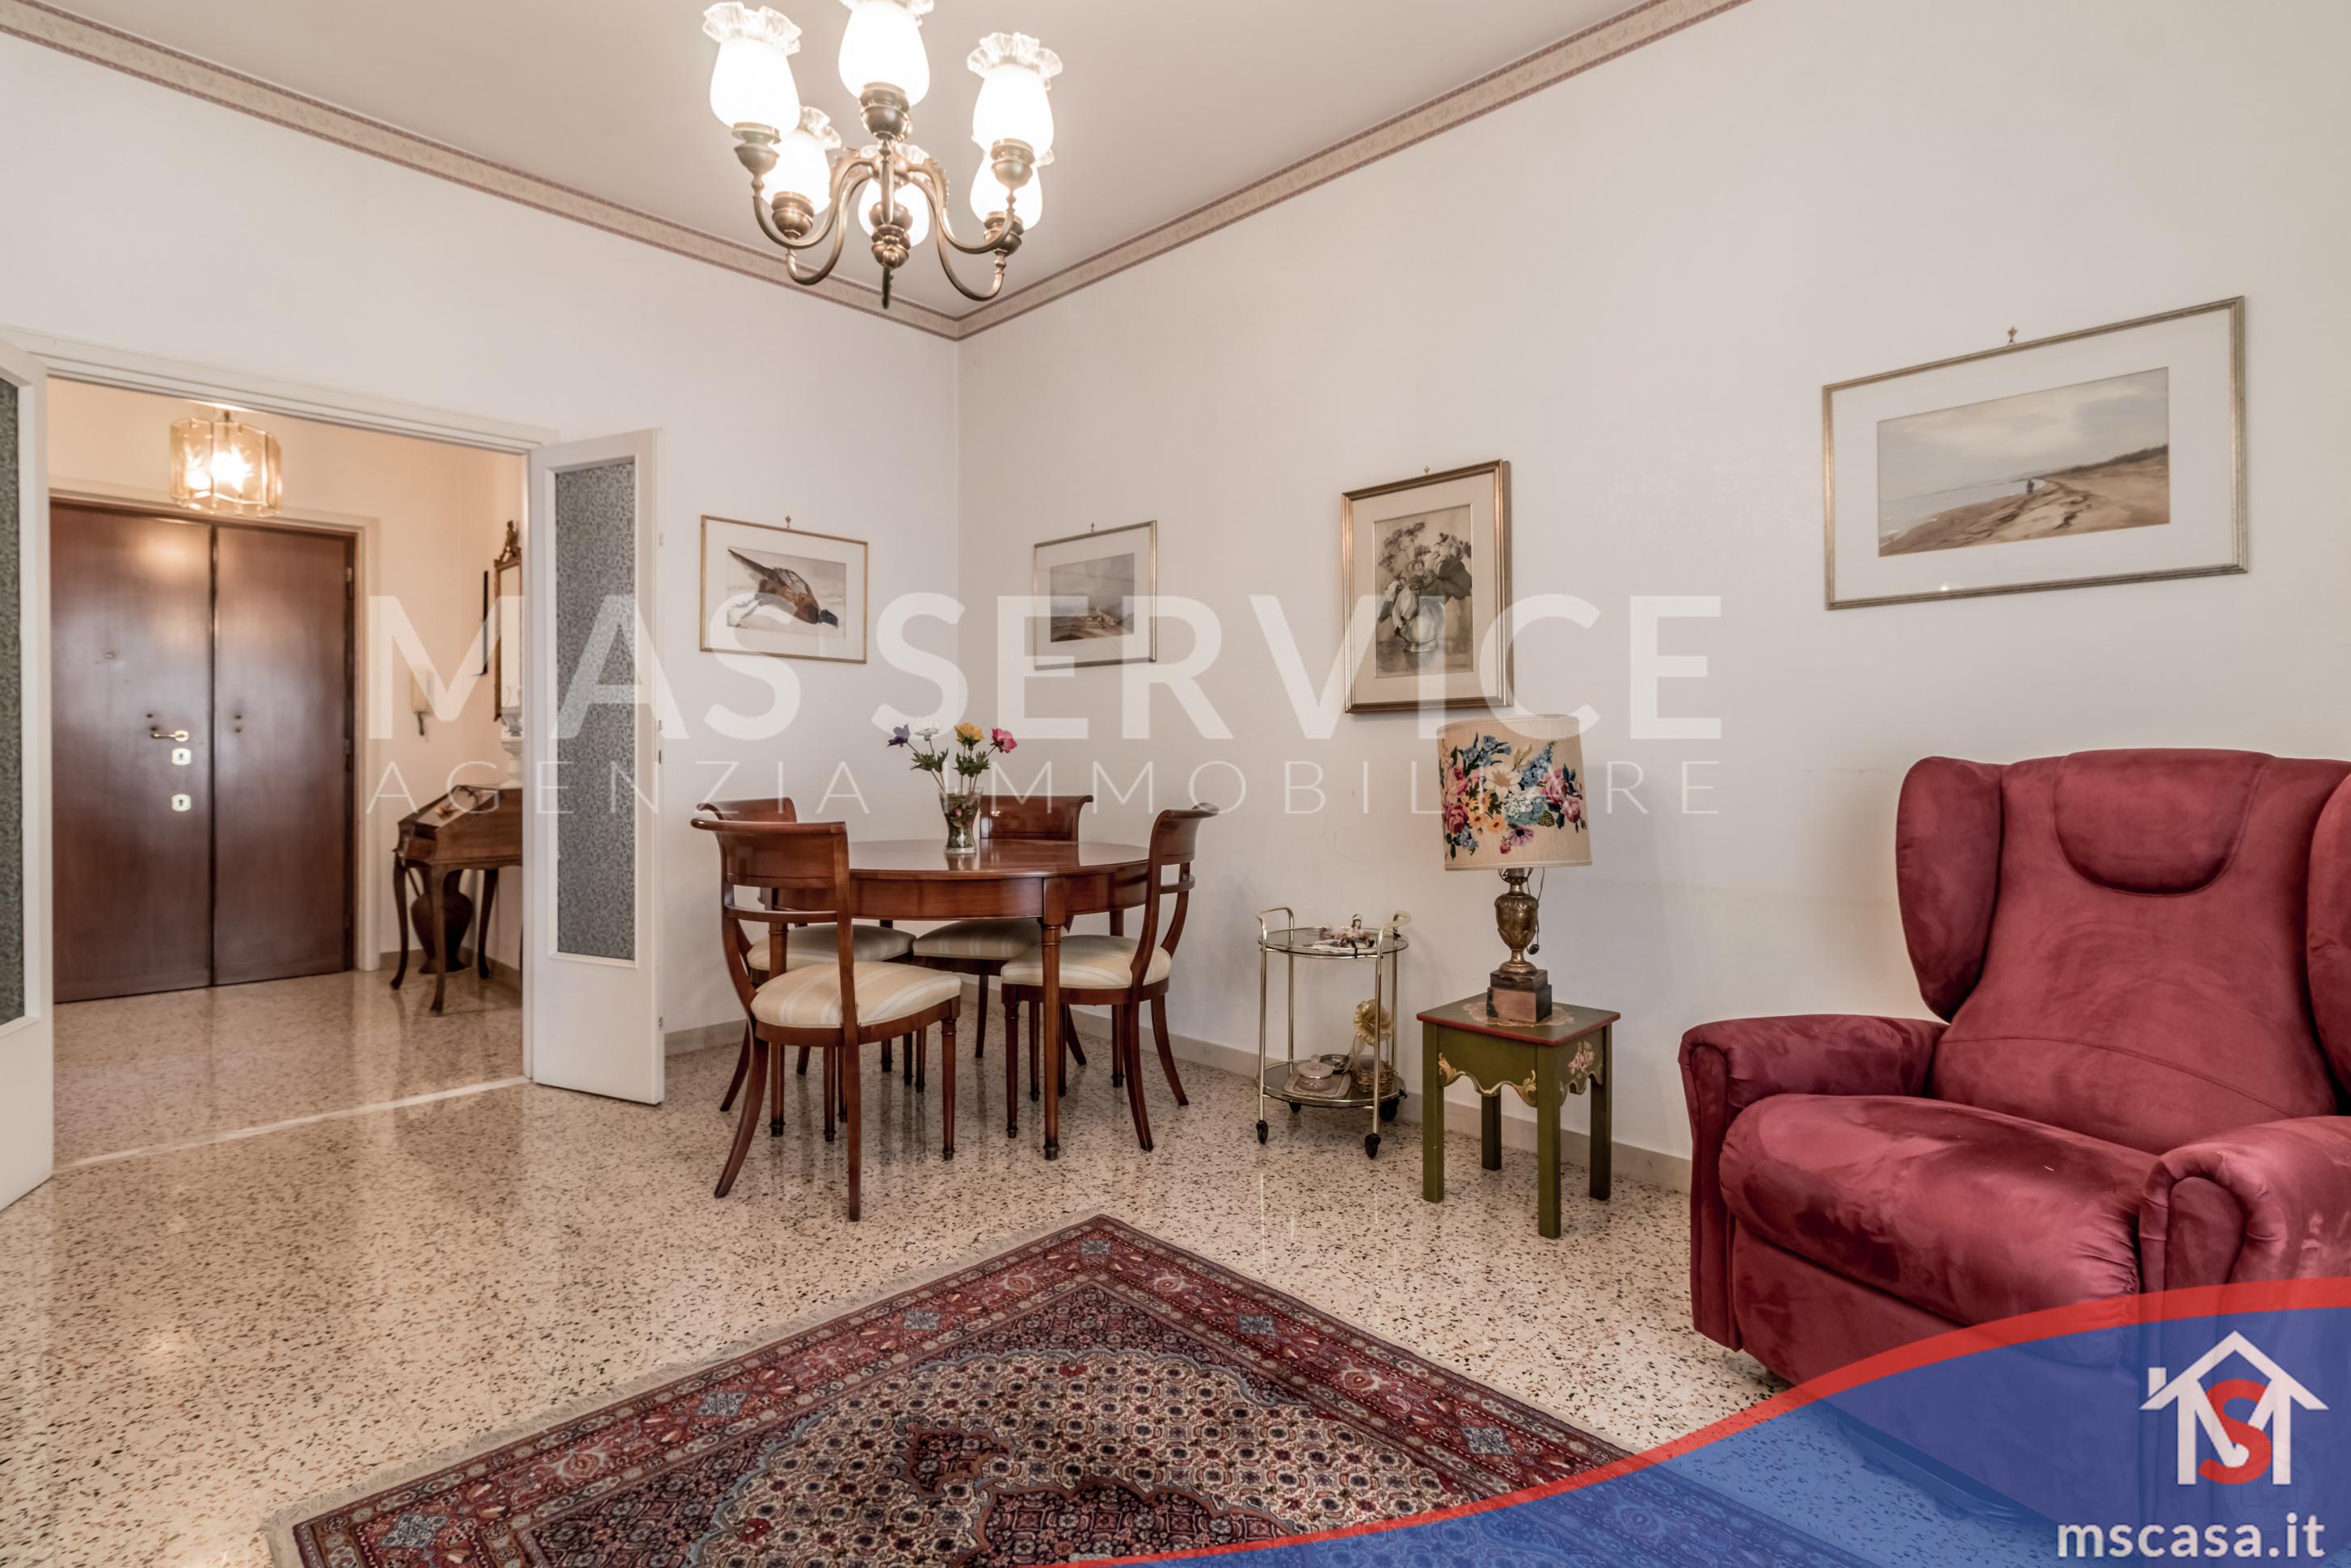 Trilocale in vendita zona Montagnola a Roma Soggiorno